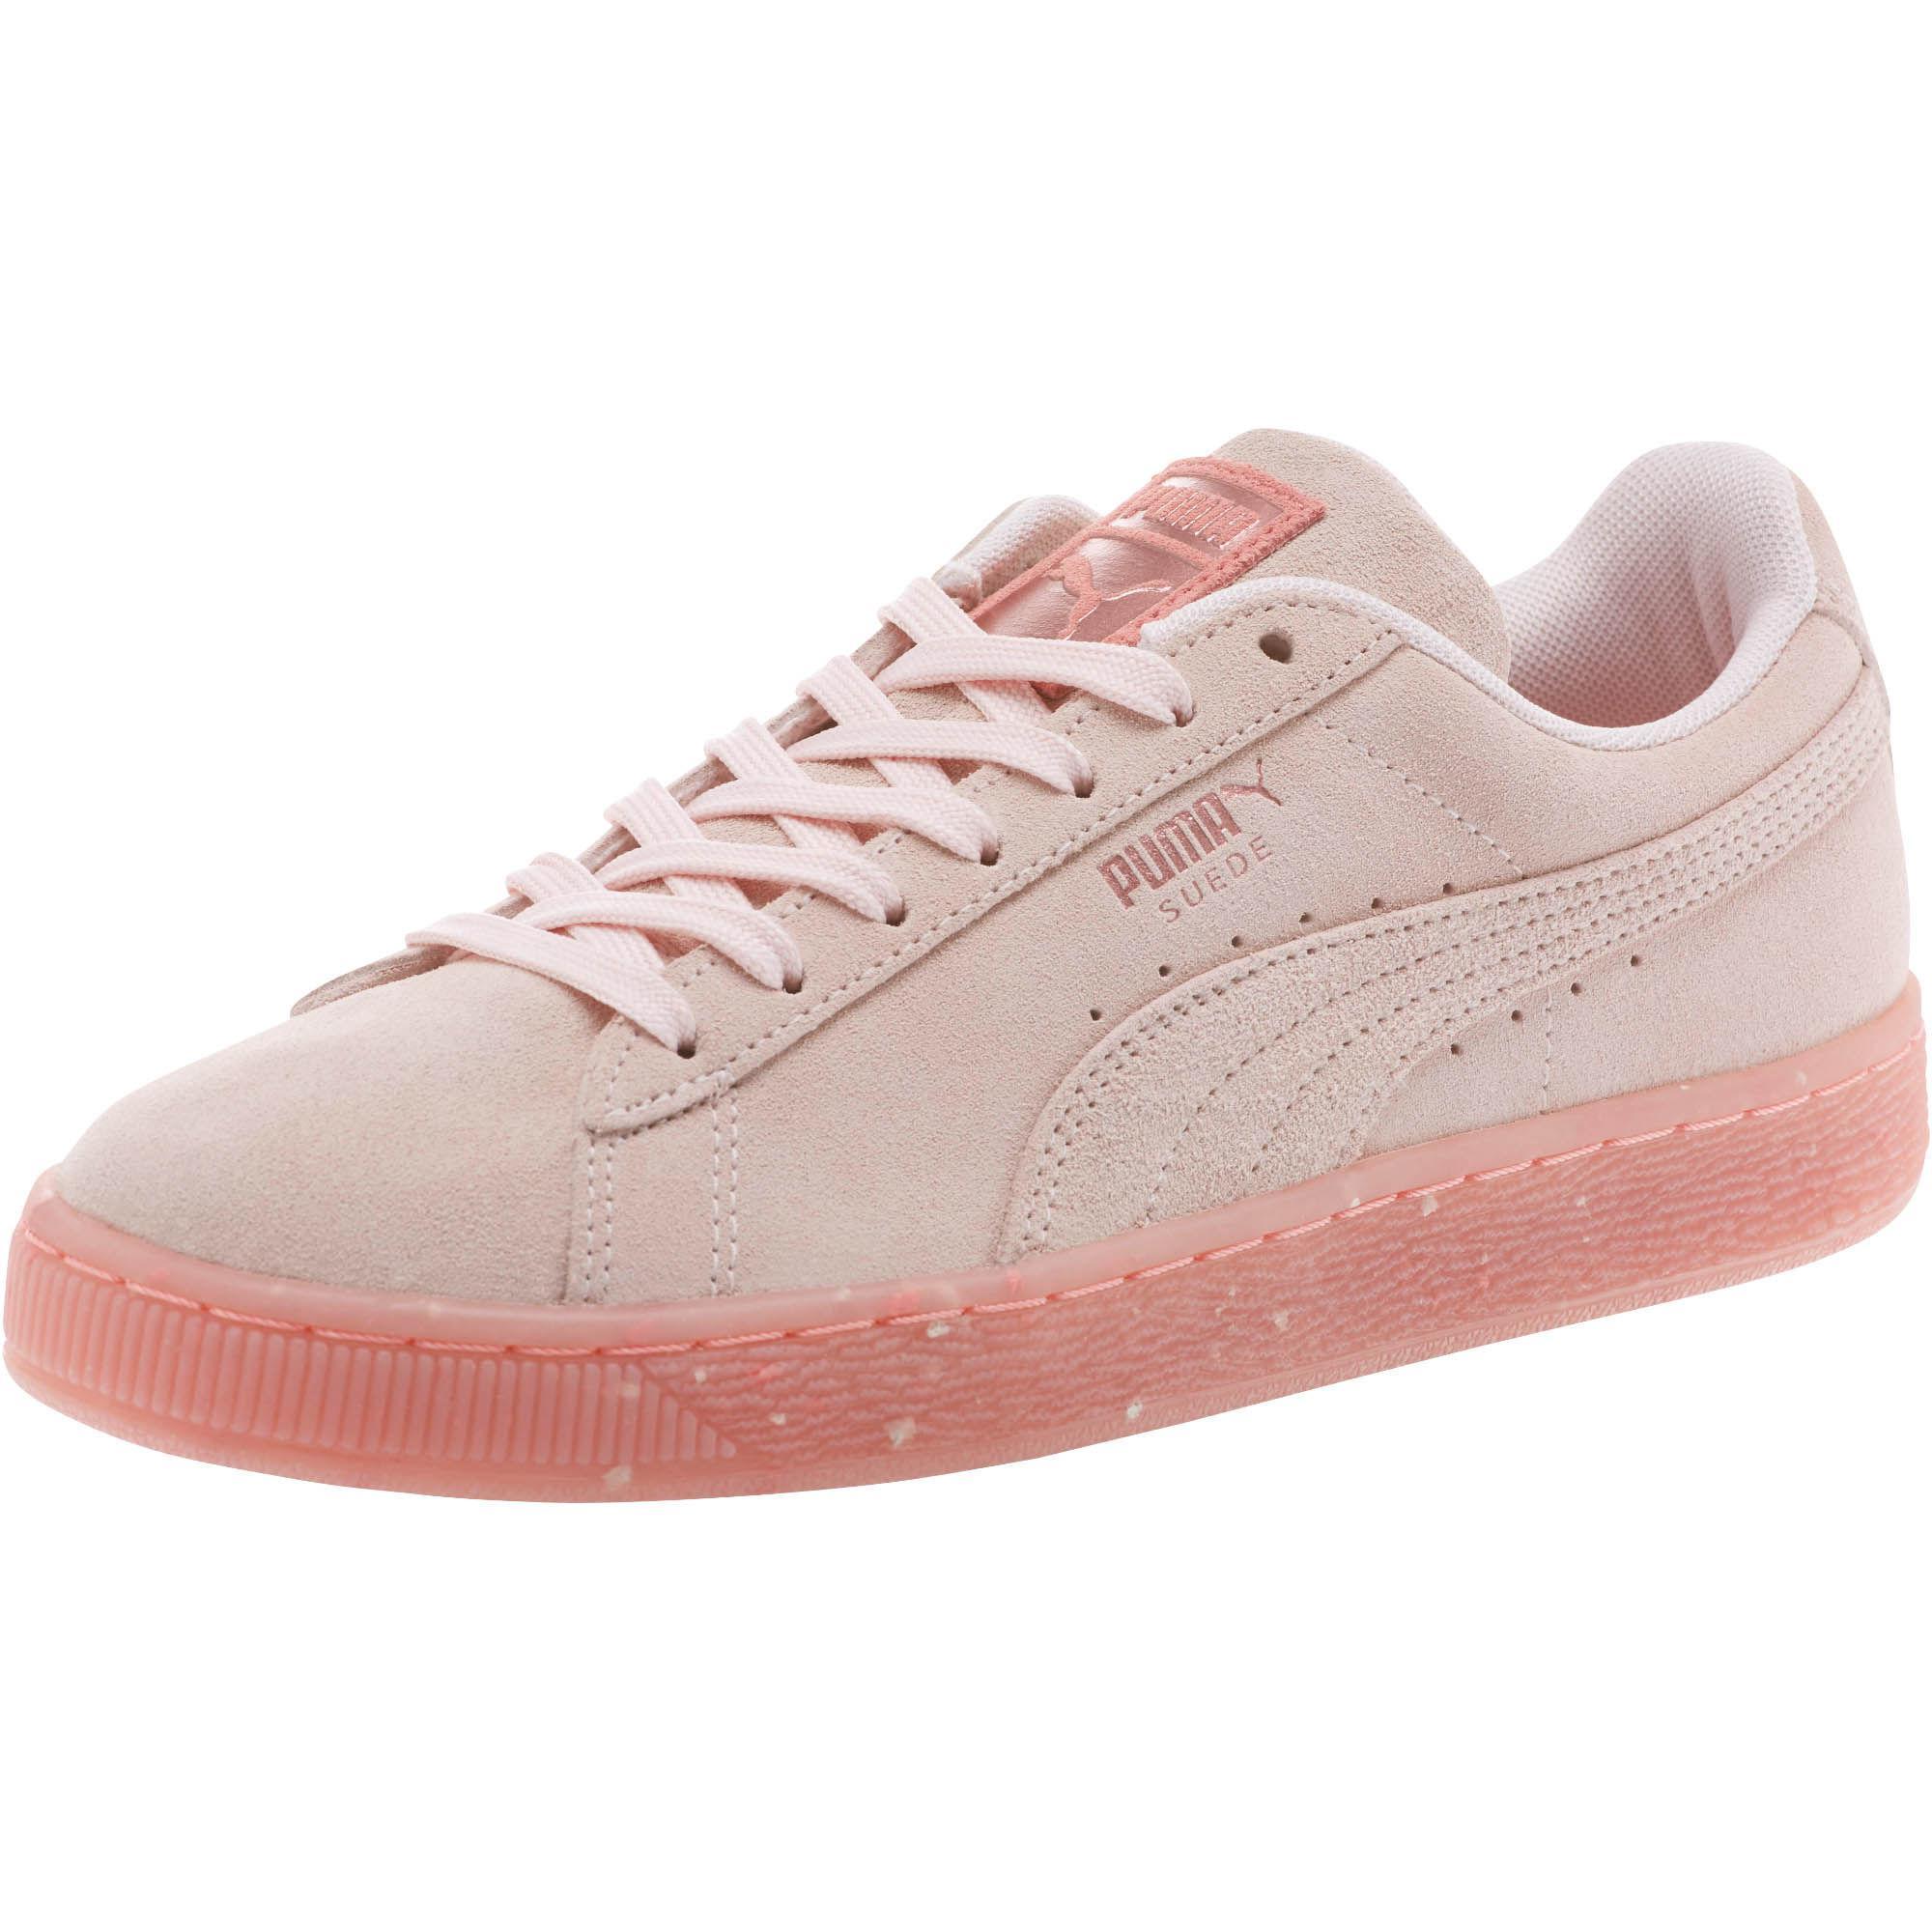 Lyst Puma Suede Classic Glitz Women S Sneakers In Pink